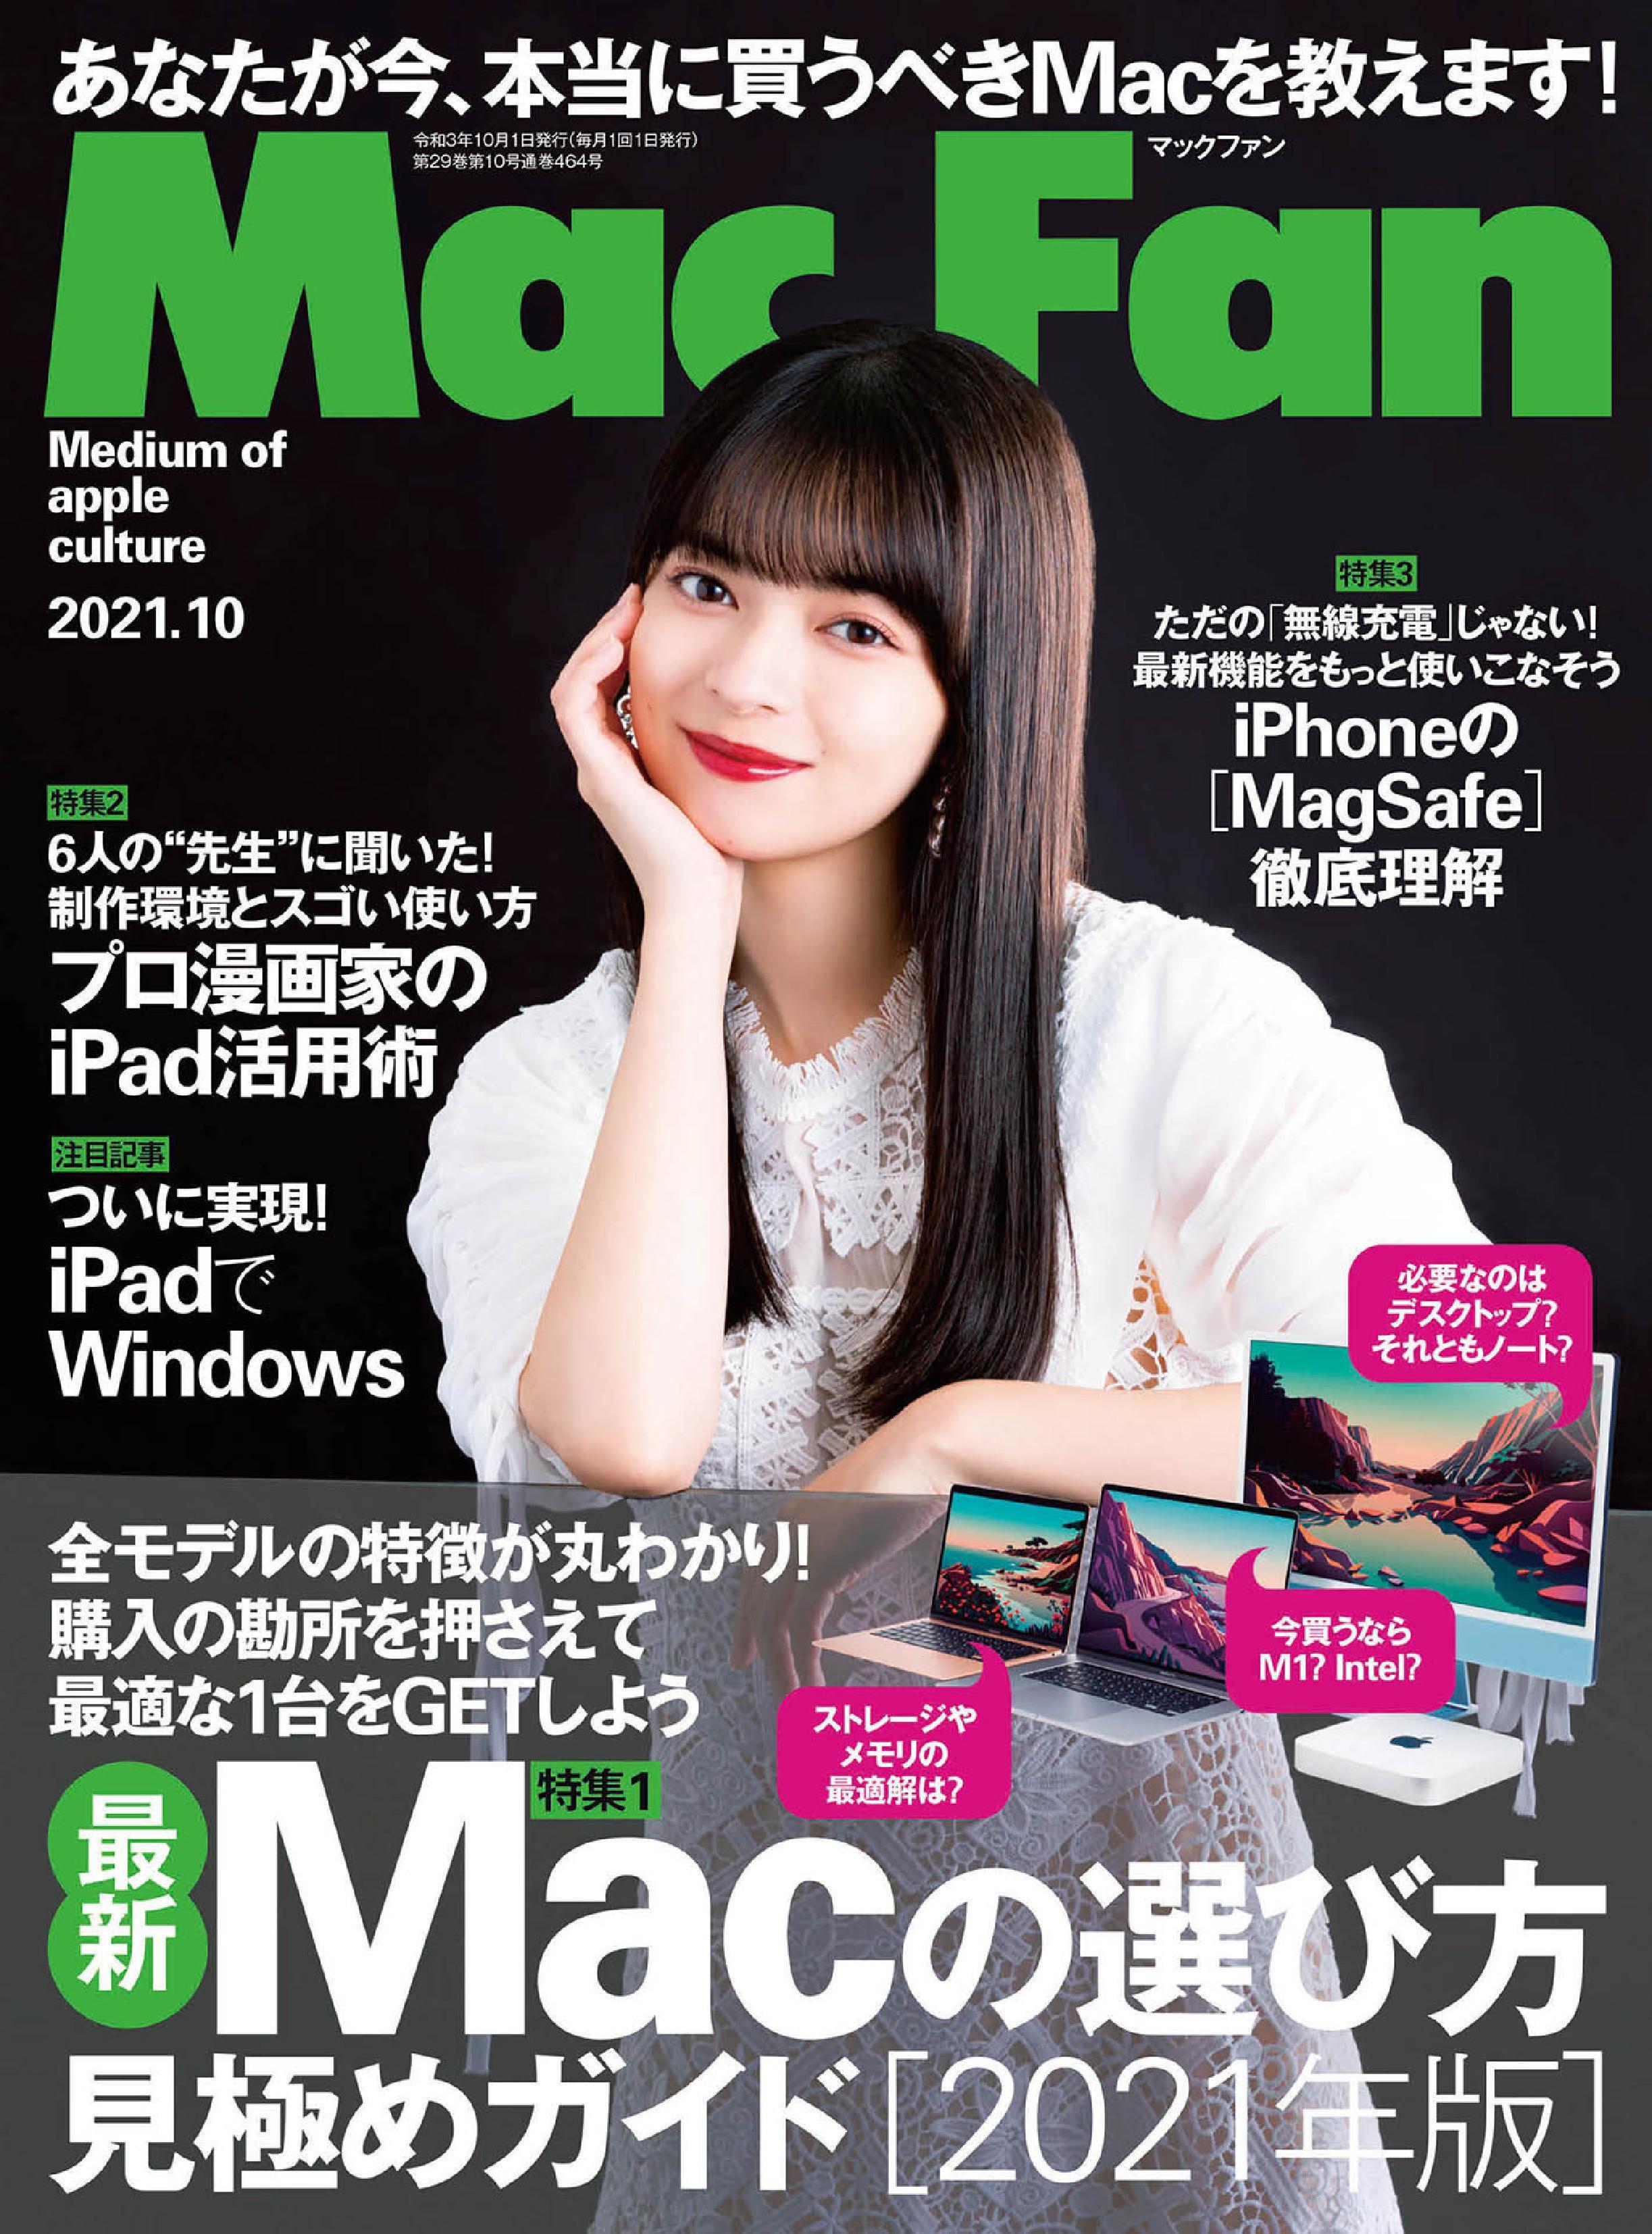 Mac Fan マックファン – 8月 2021